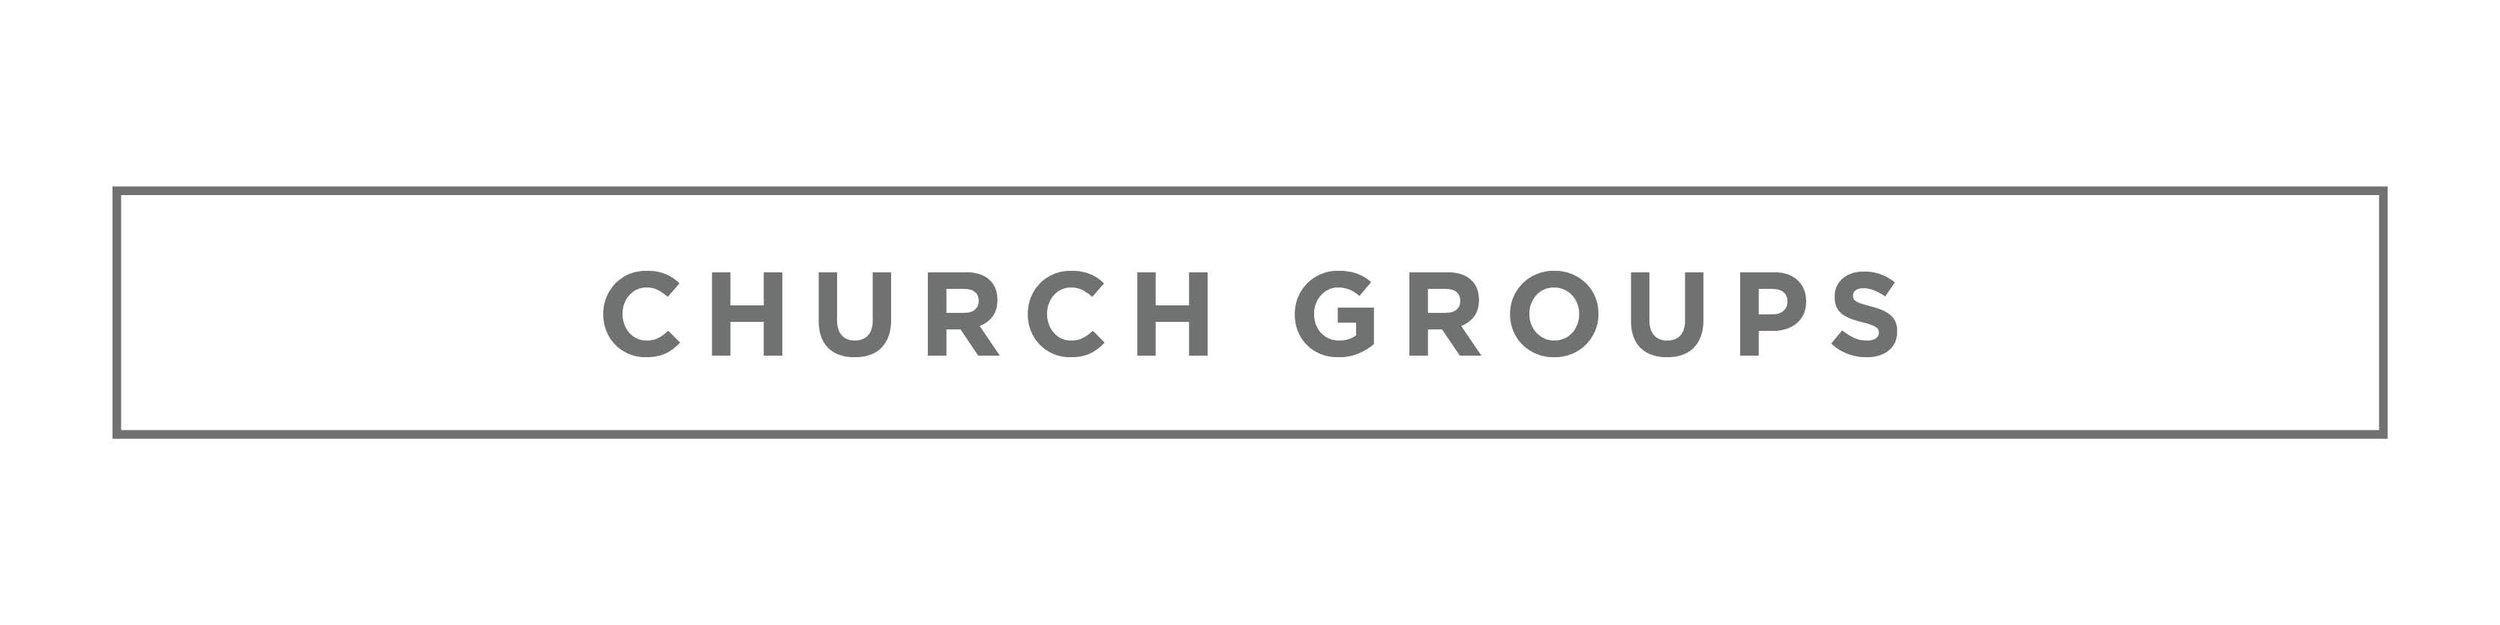 church groups button.jpg